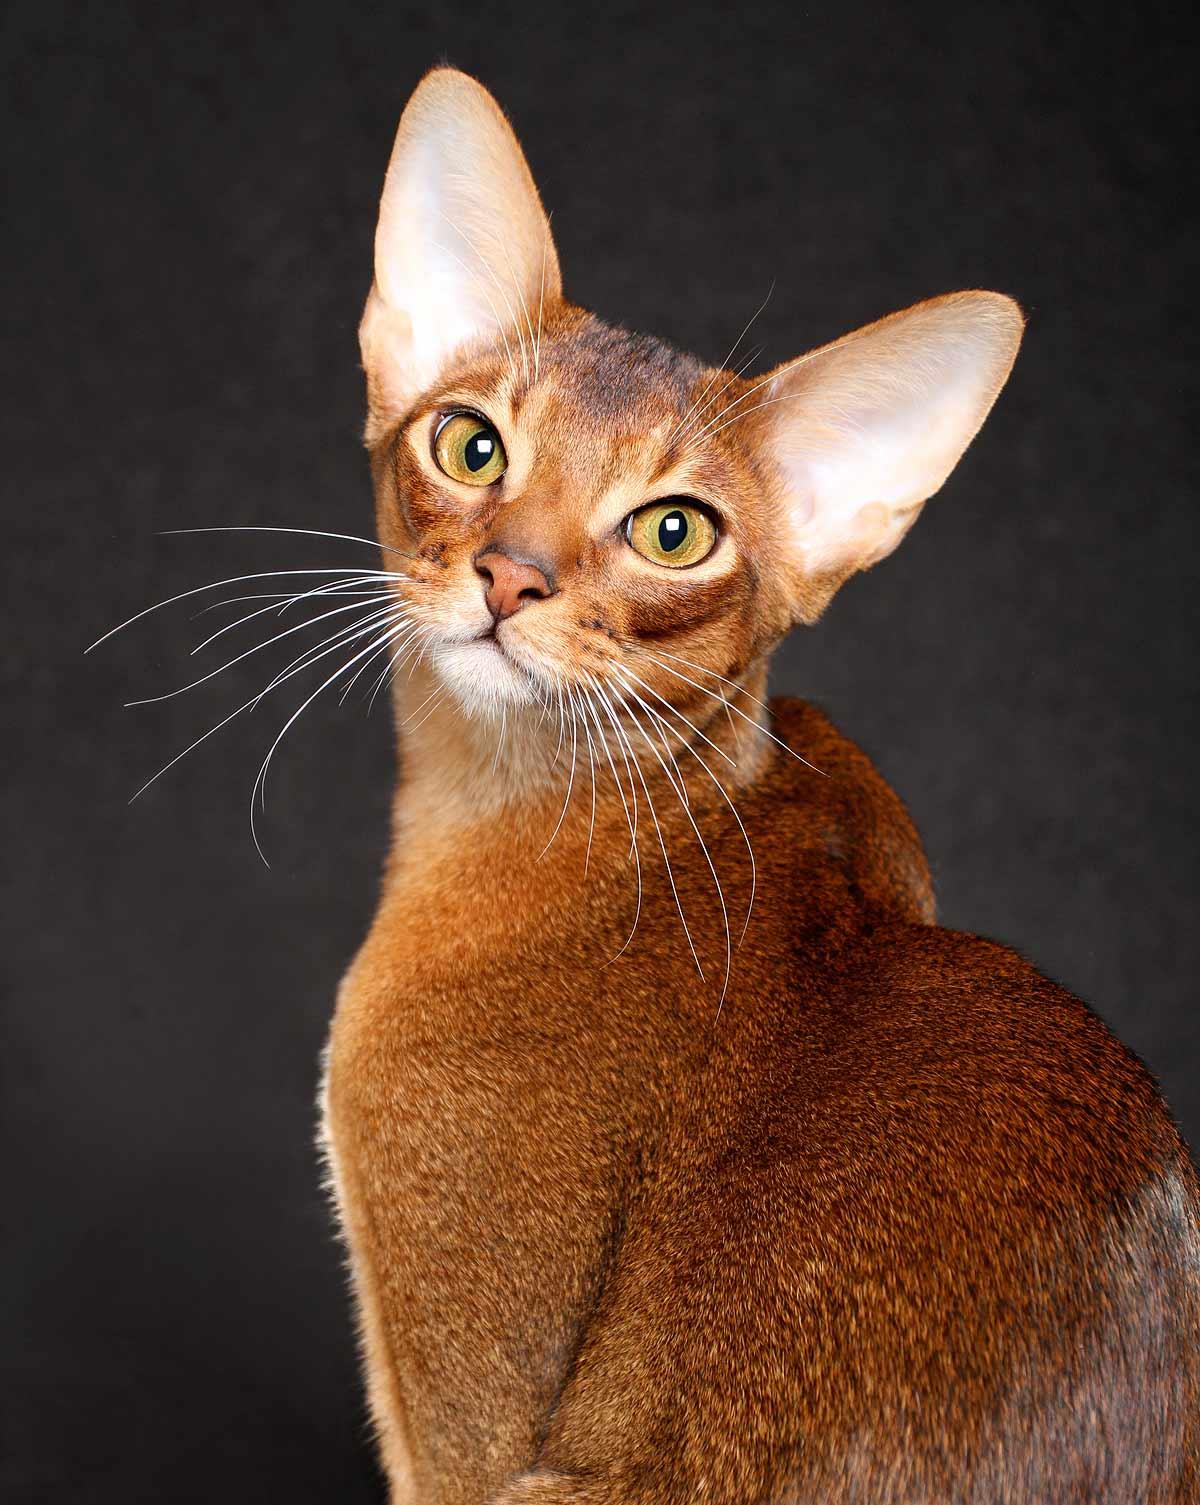 Мой нежный и ласковый кот: 15 пород - 15 характеров - все о породах кошек с описанием, фотографиями и названиями.все о породах кошек с описанием, фотографиями и названиями.